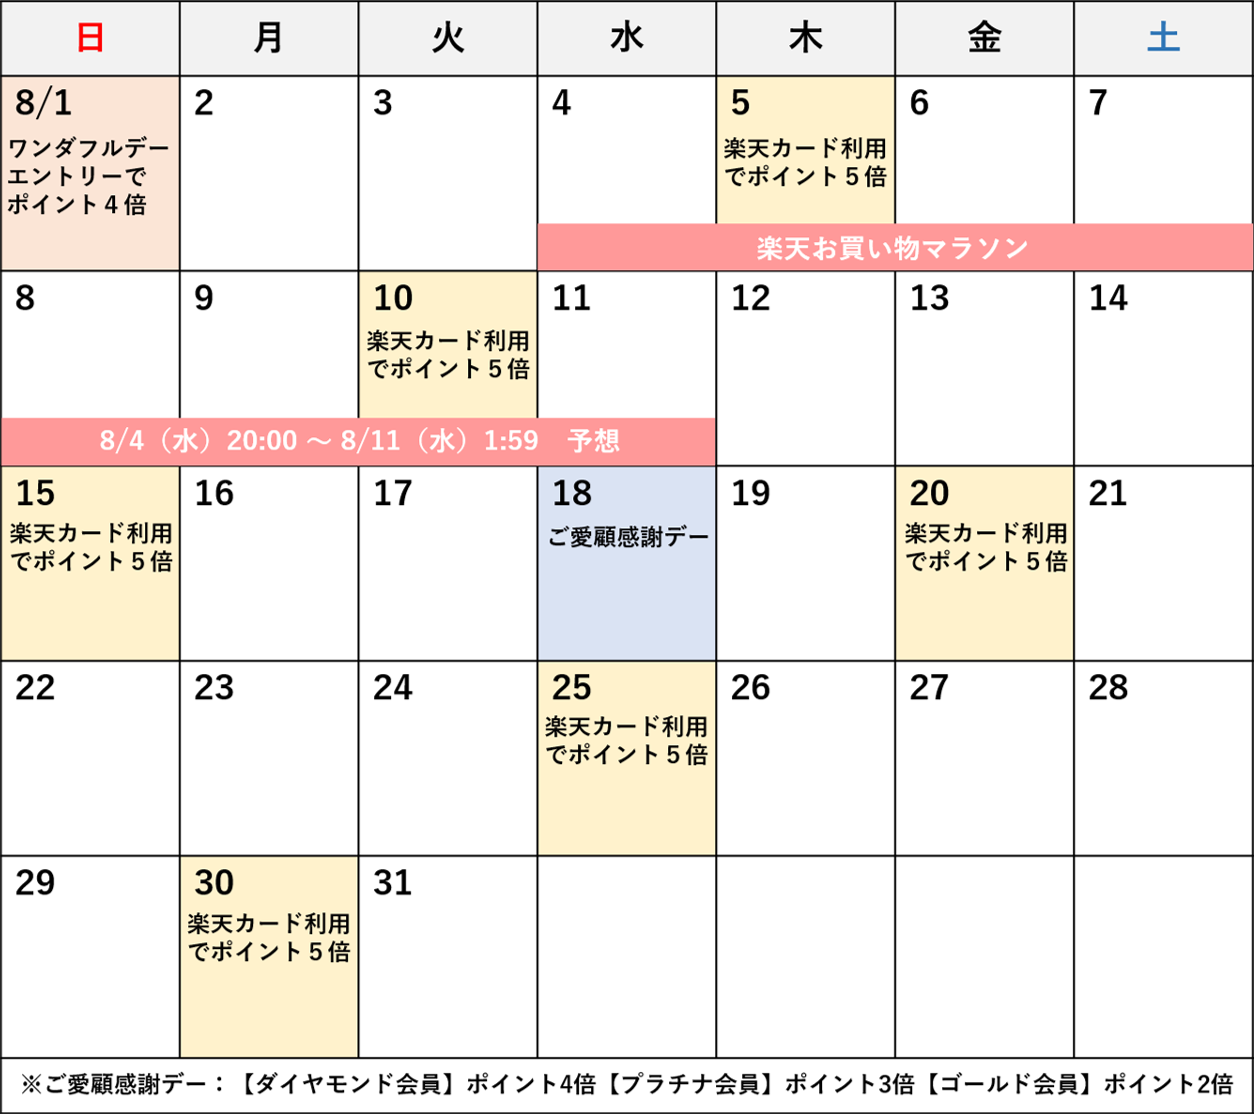 8月の楽天セールカレンダー